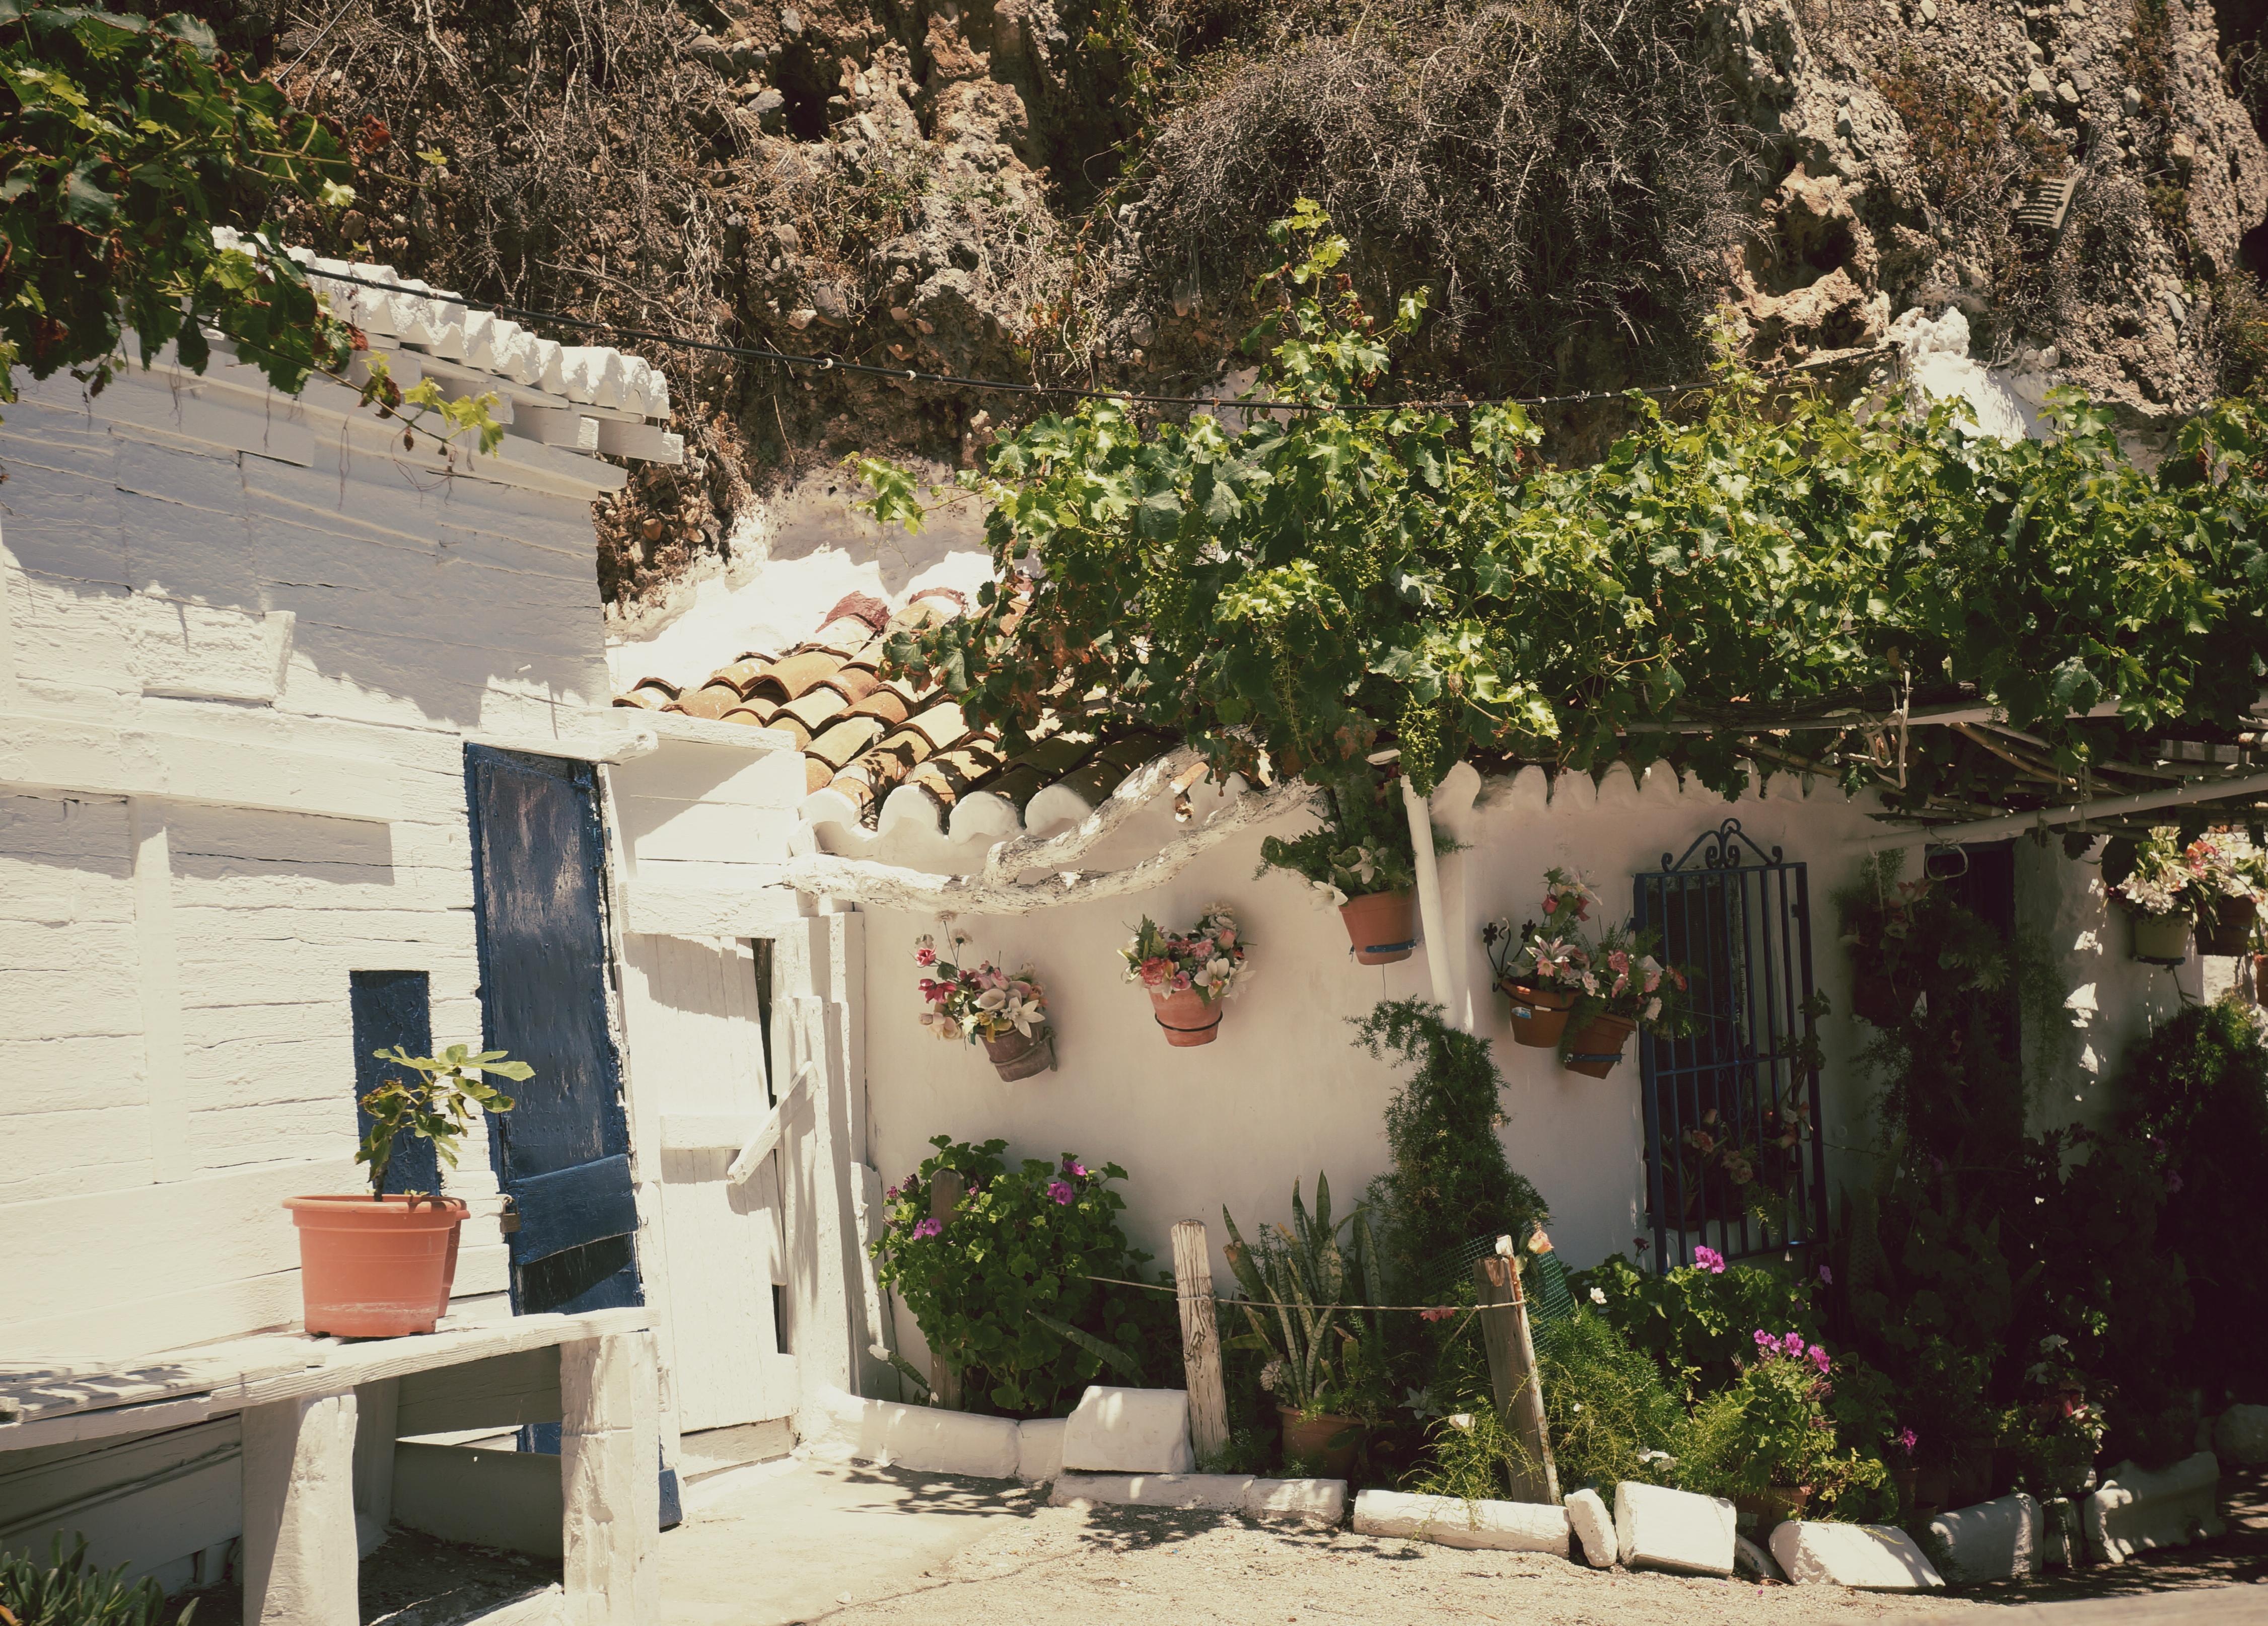 Malaga Guide - Nerja